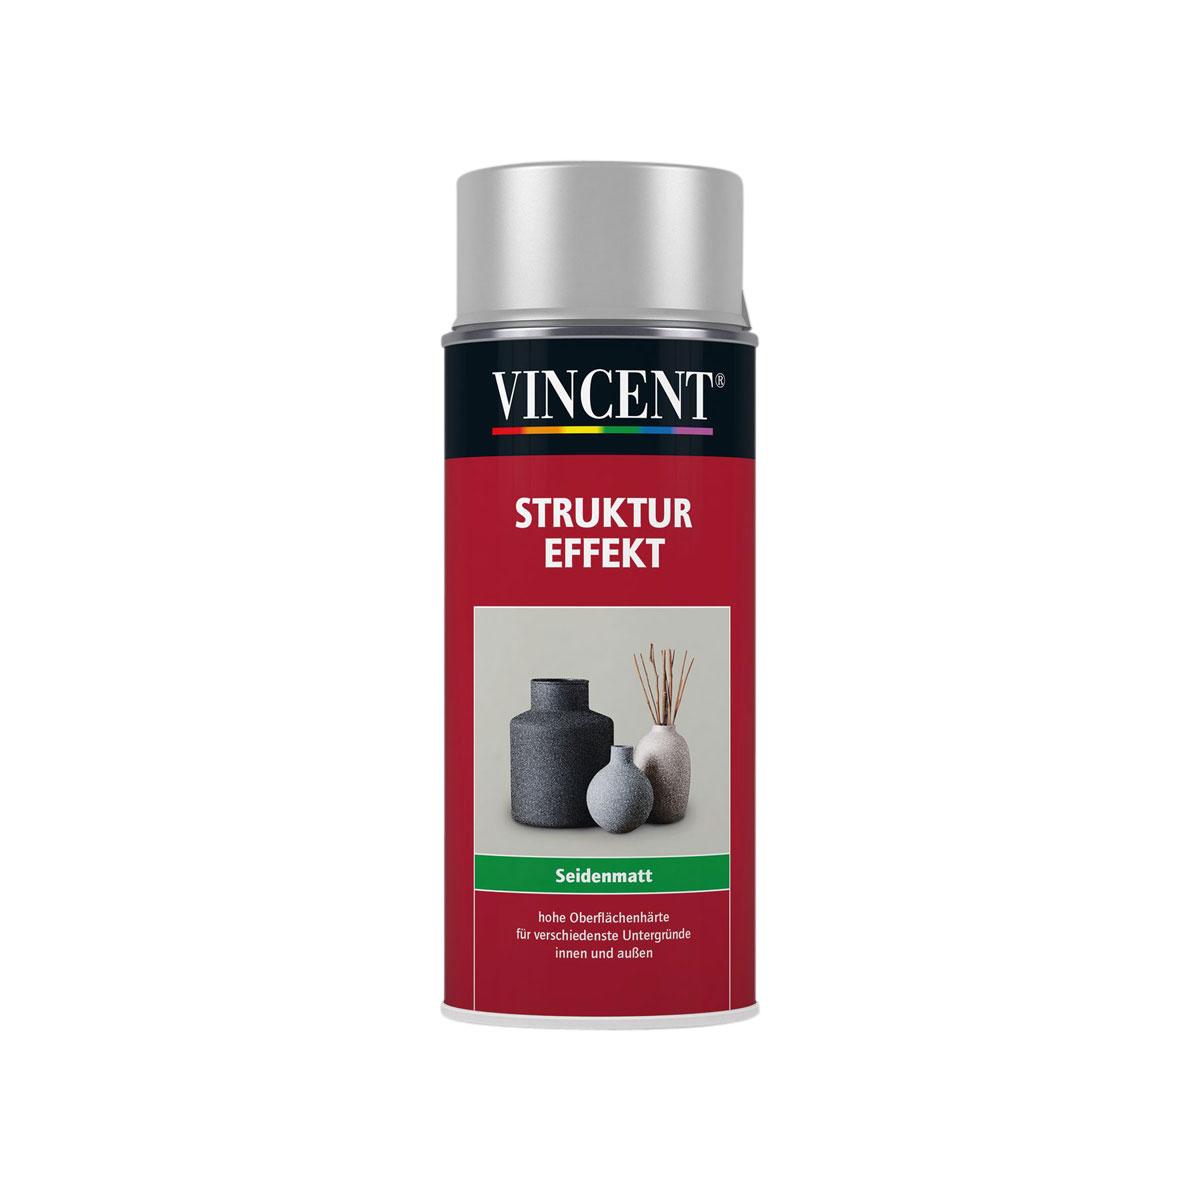 Vincent Struktur Effekt seidenmatt silber 400 ml